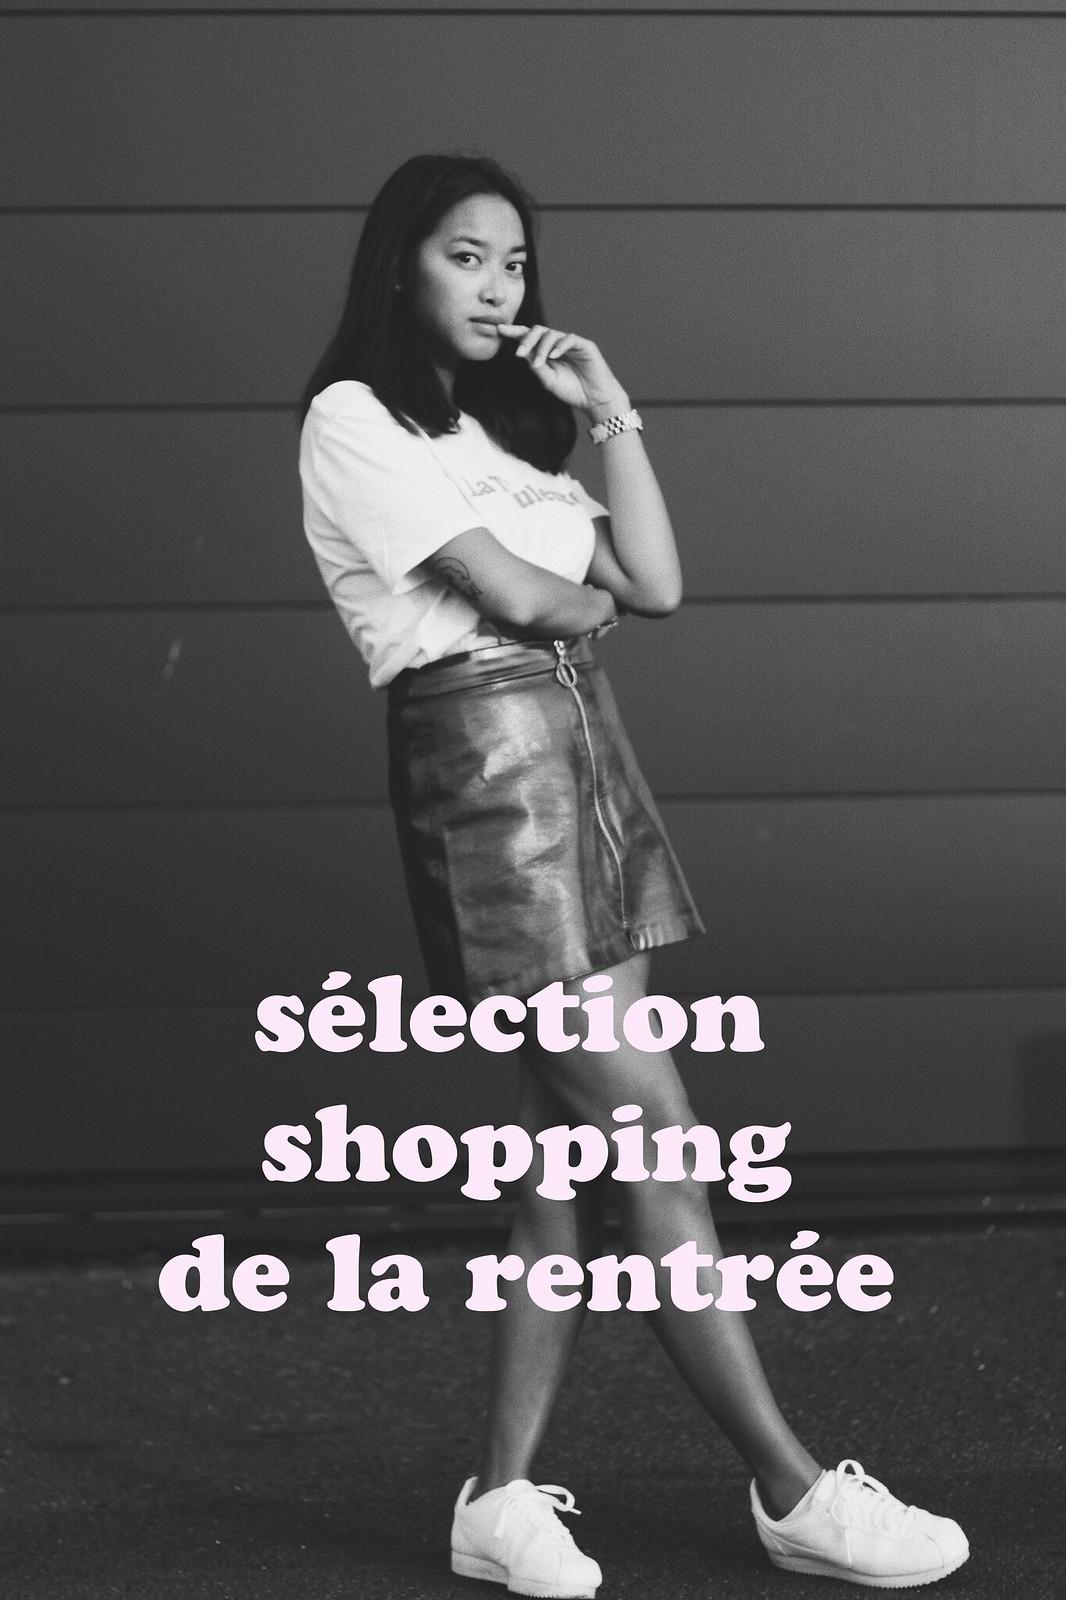 sélection shopp